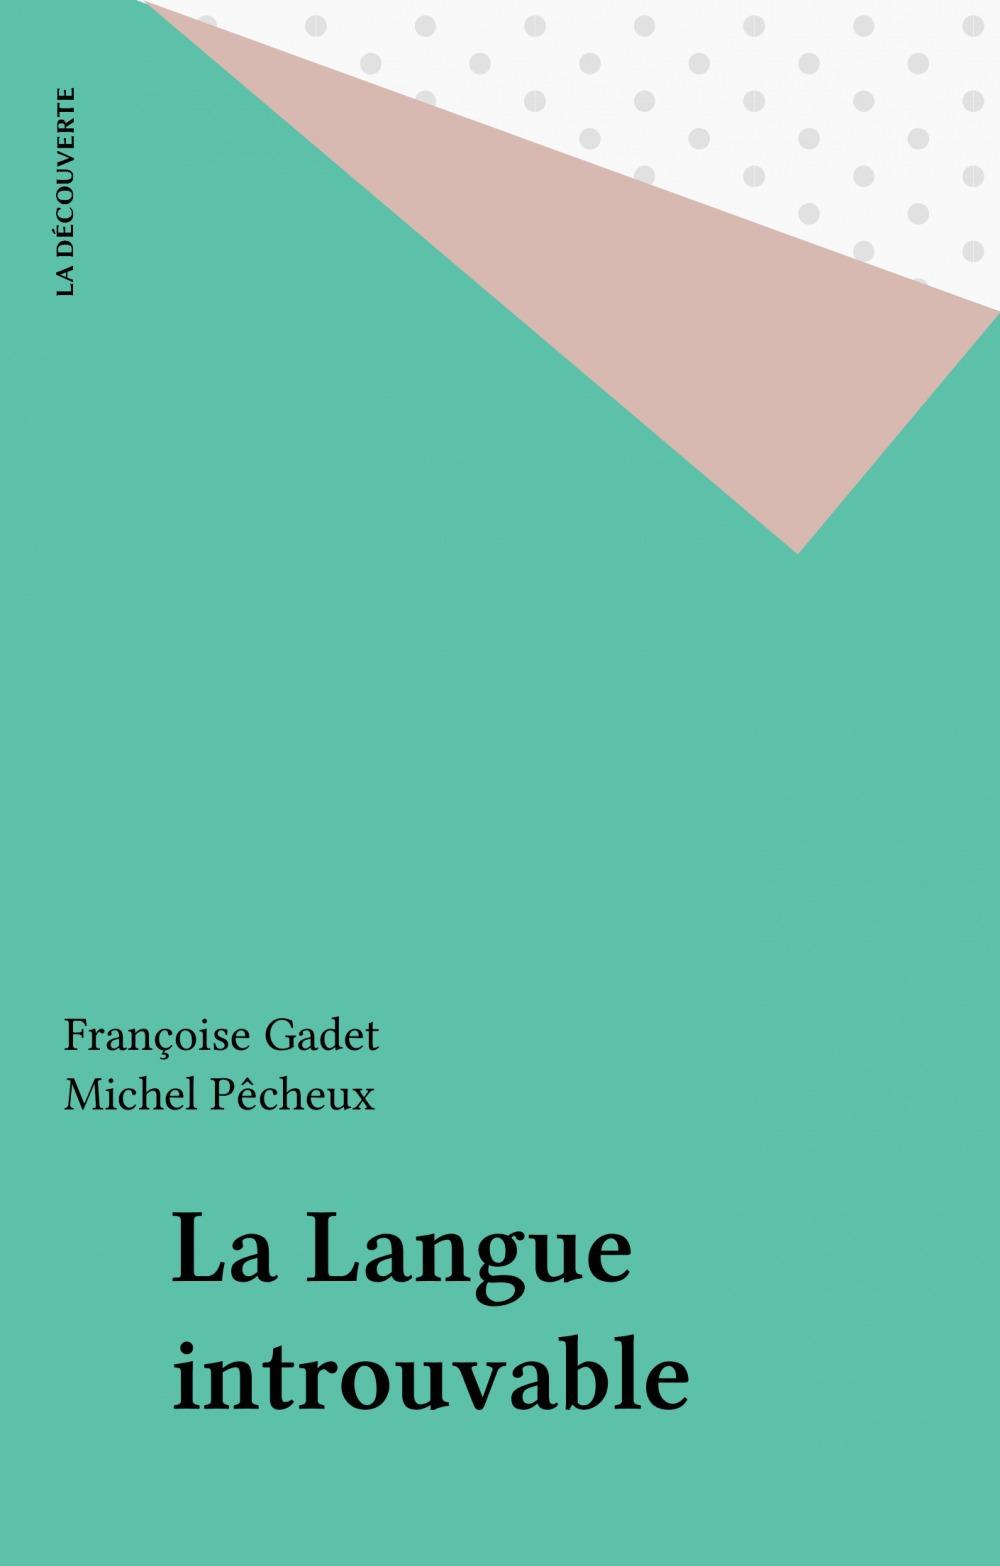 Françoise Gadet La Langue introuvable